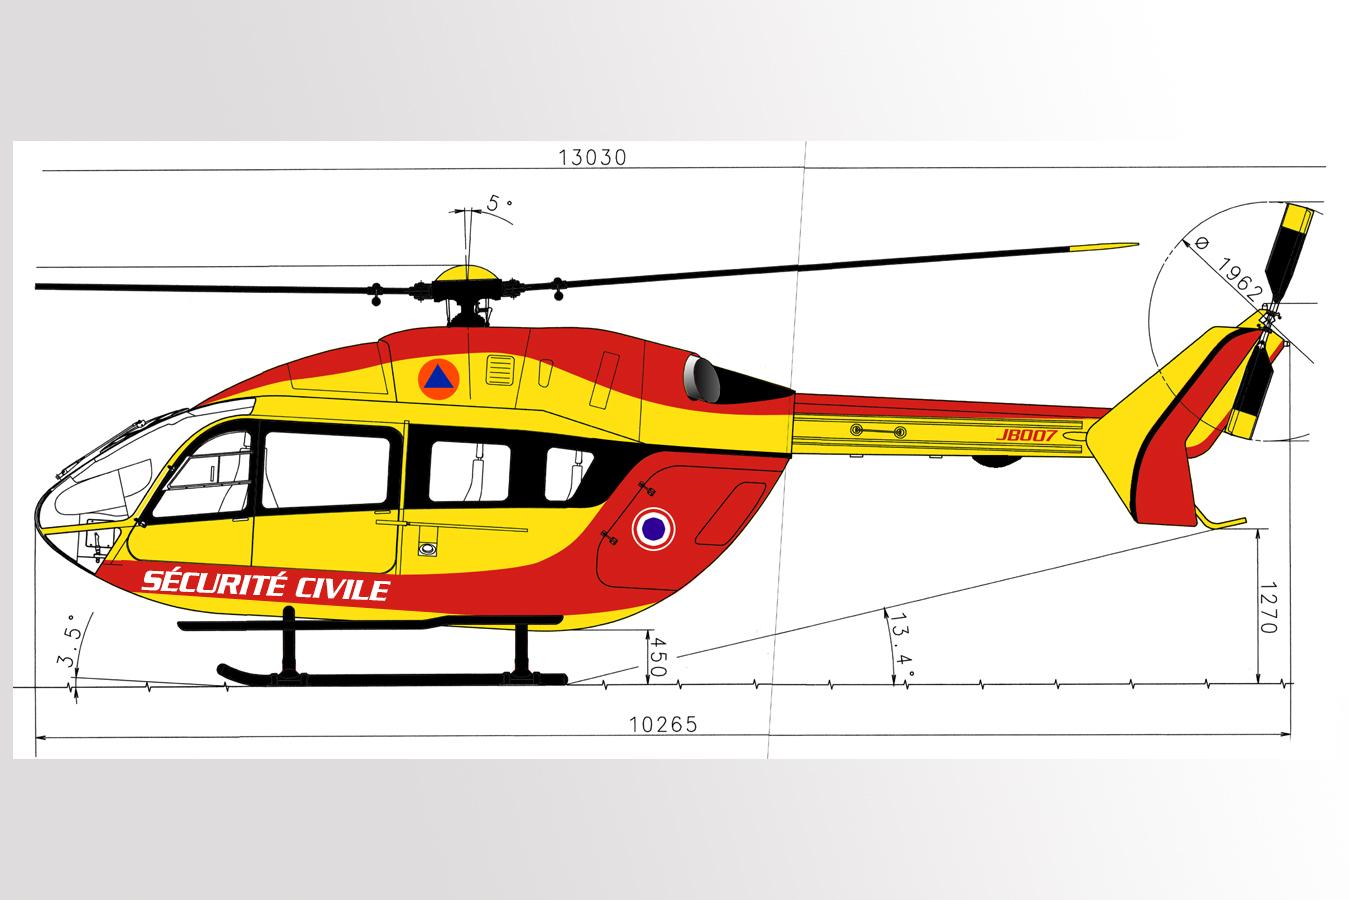 Identité visuelle hélicoptère Sécurité civile